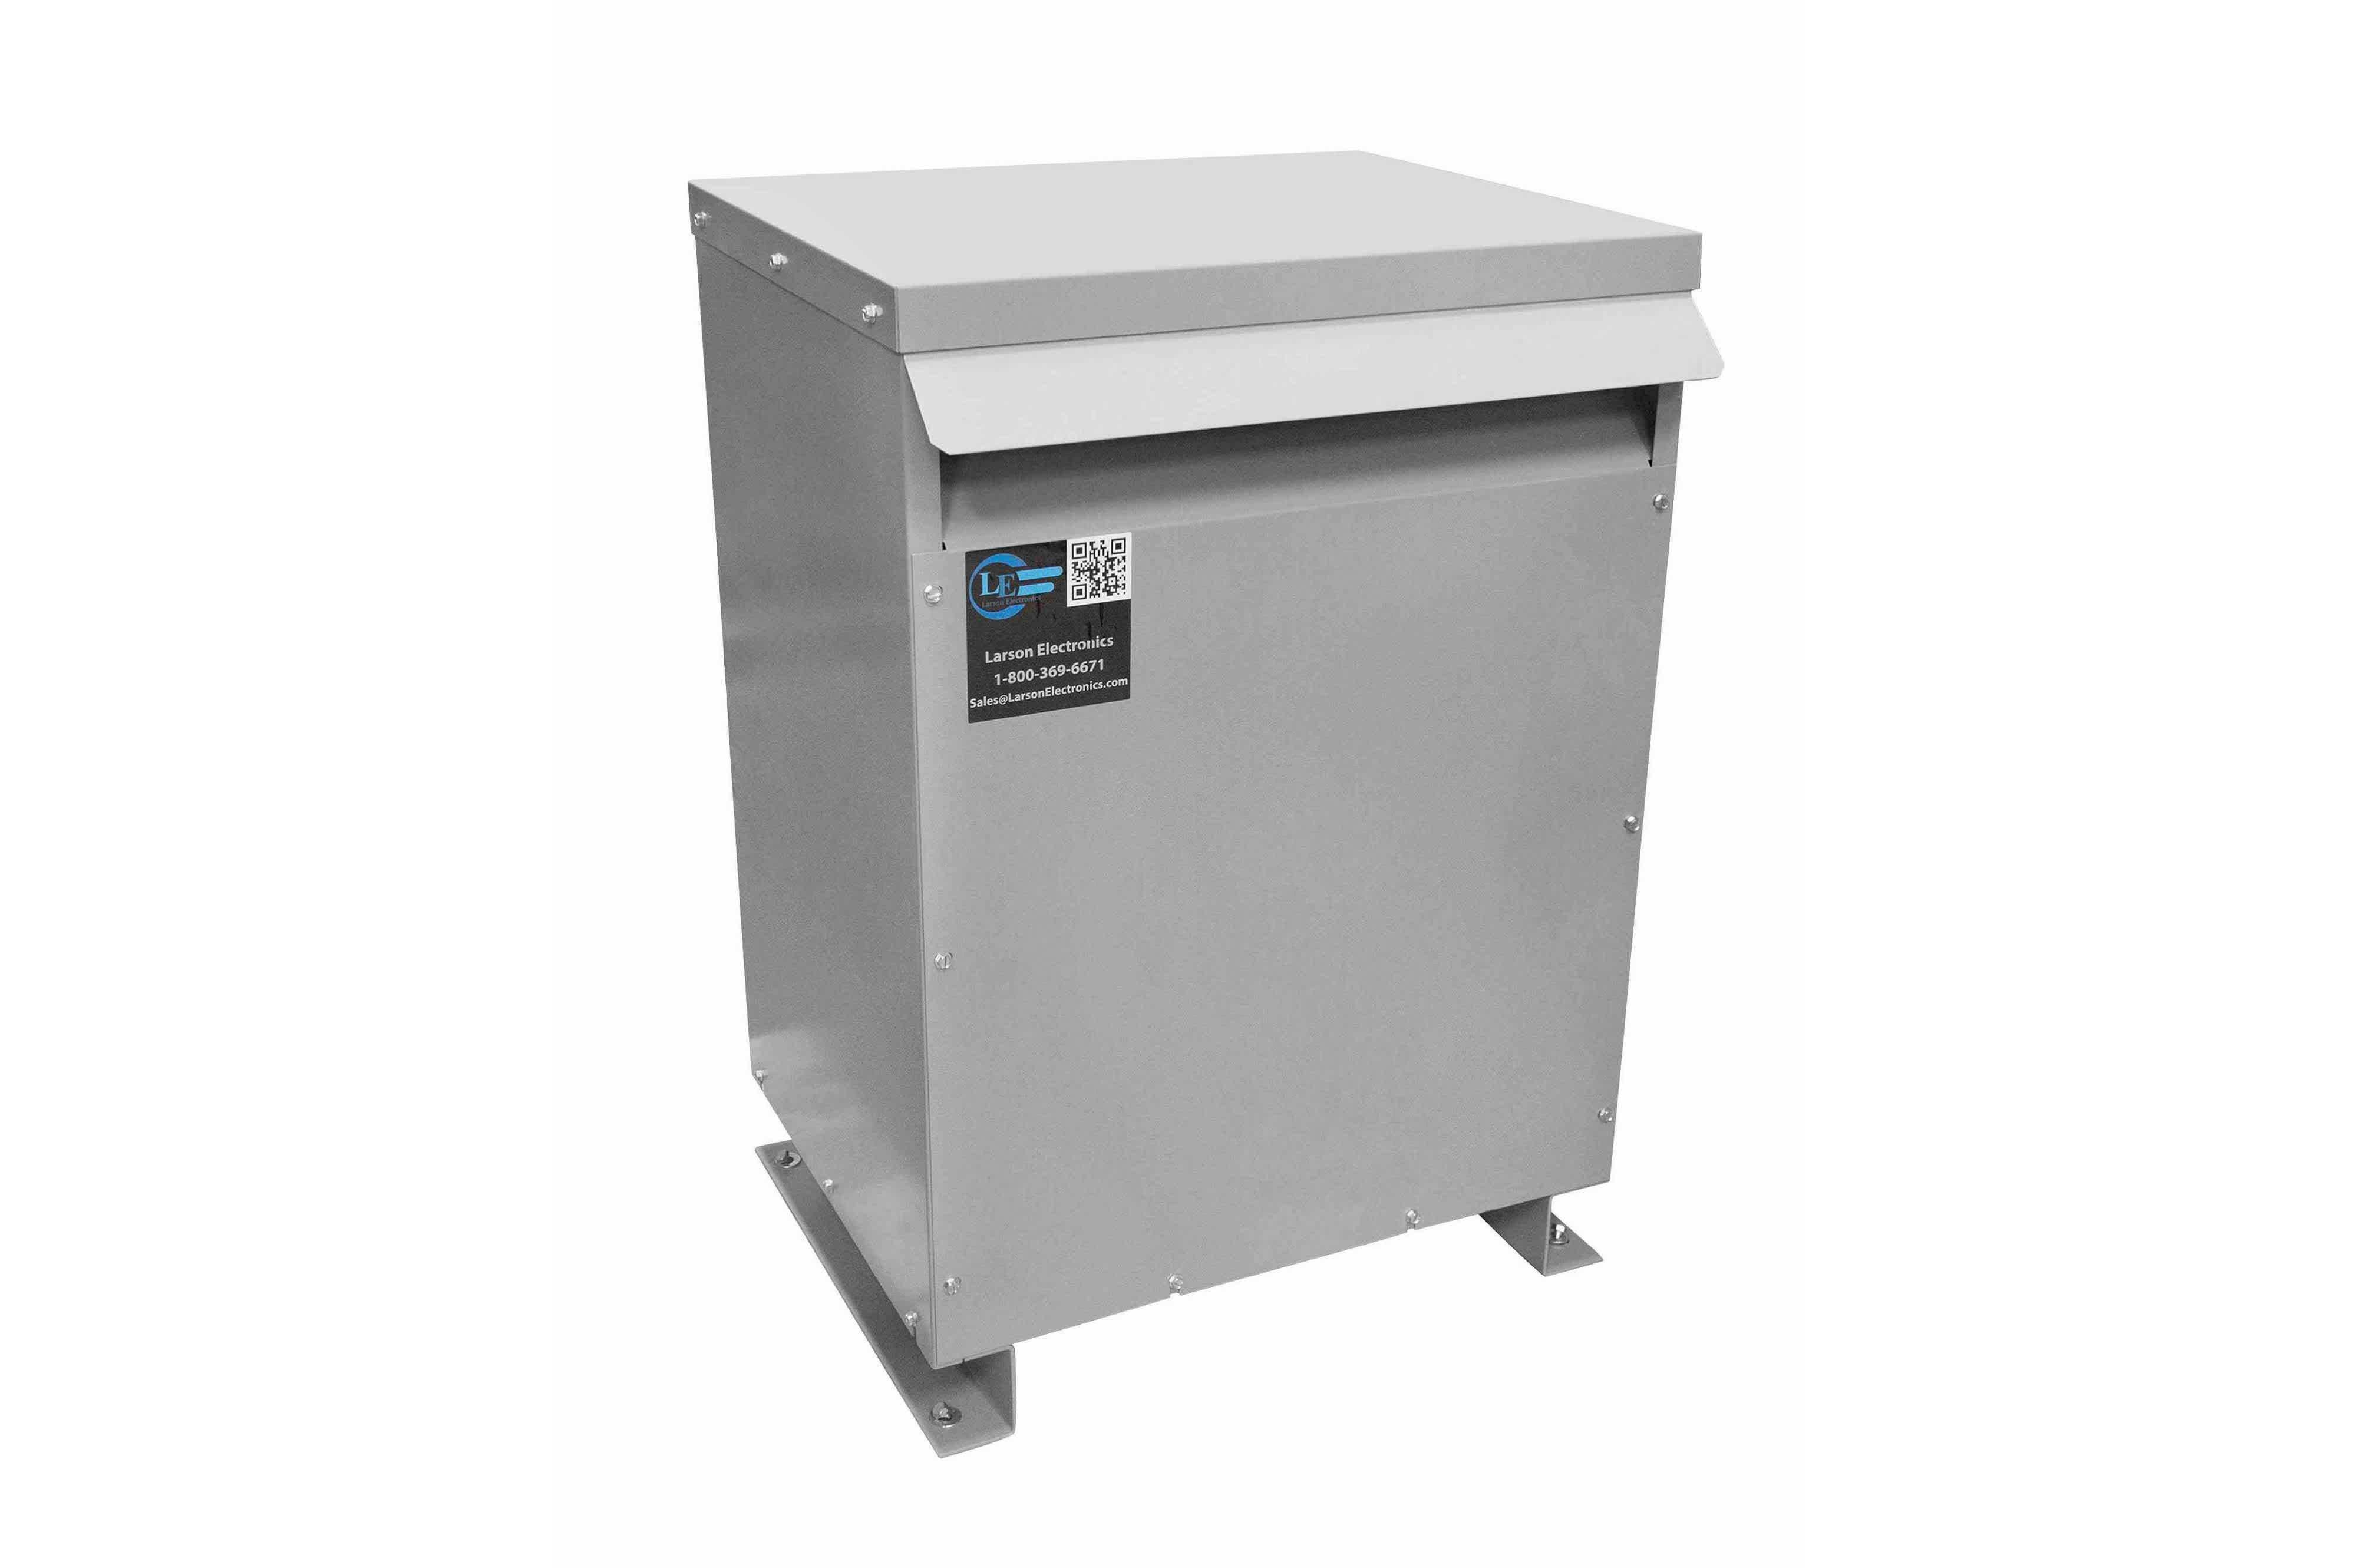 15 kVA 3PH DOE Transformer, 415V Delta Primary, 240V/120 Delta Secondary, N3R, Ventilated, 60 Hz